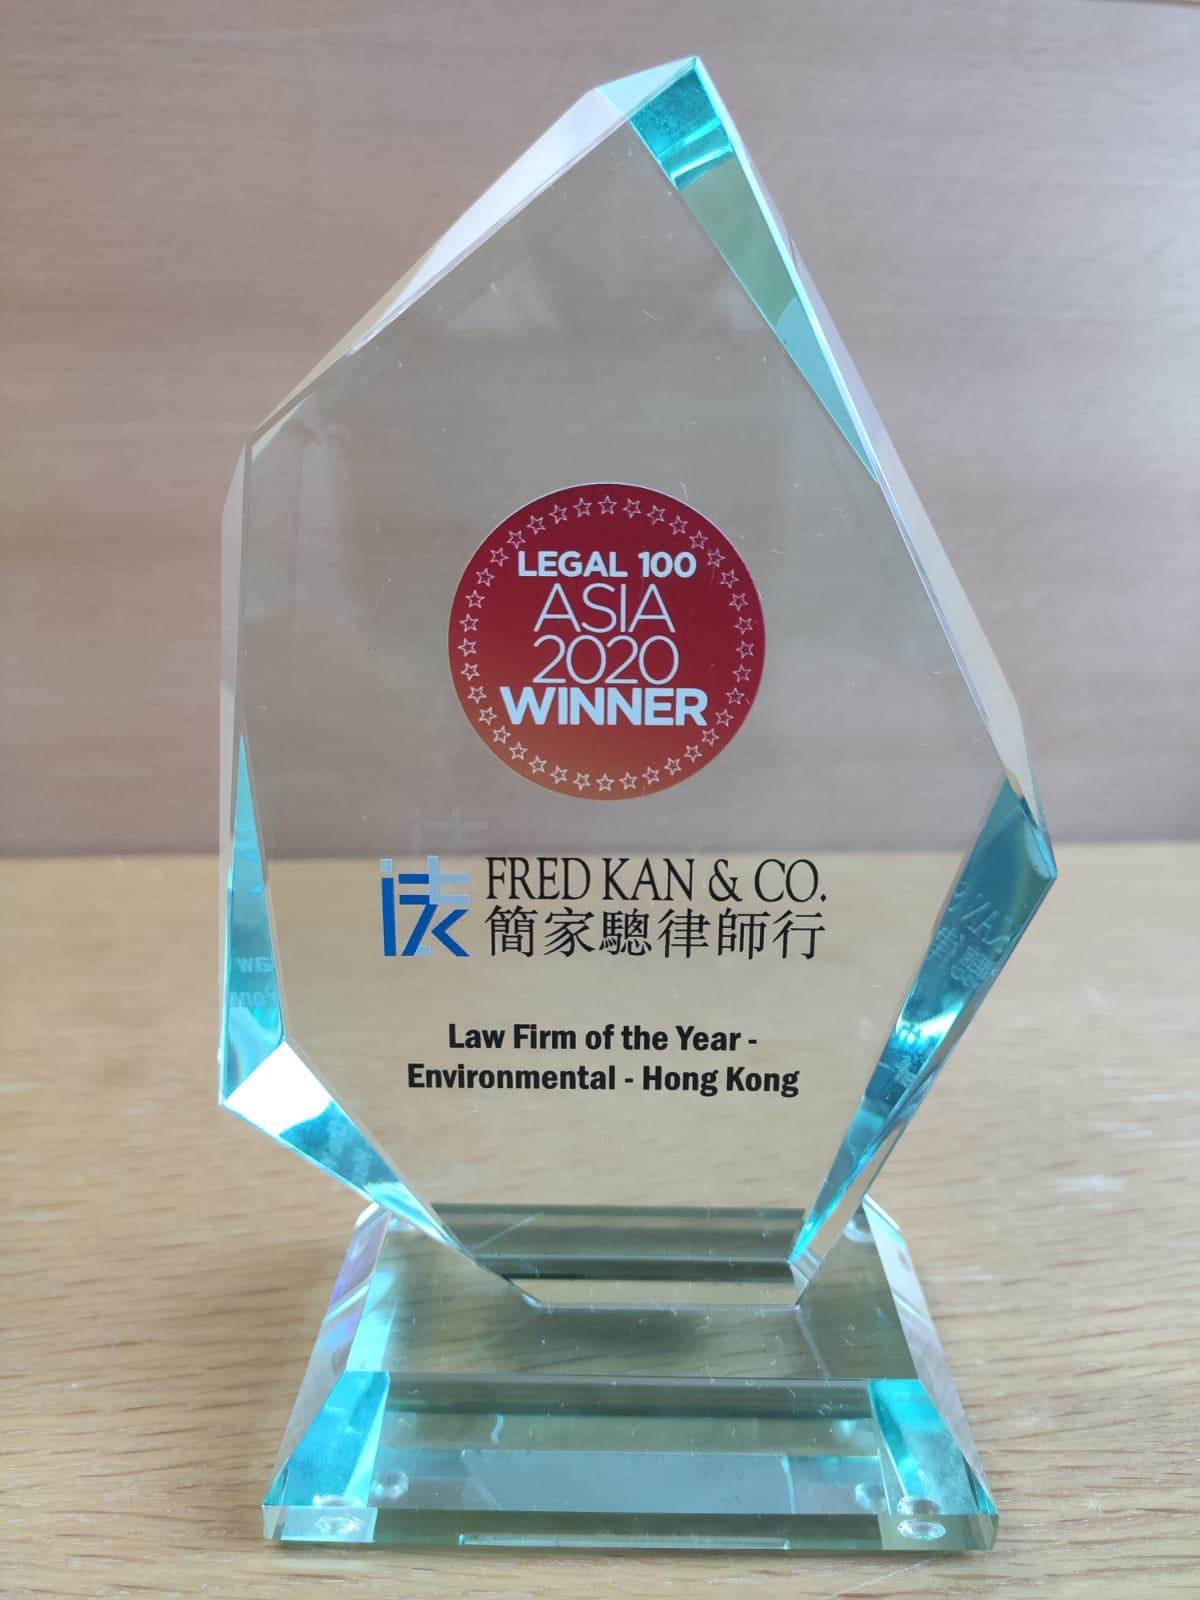 本行连续三年荣获Legal 100 Asia 年度最佳律师事务所(环境法)大奖